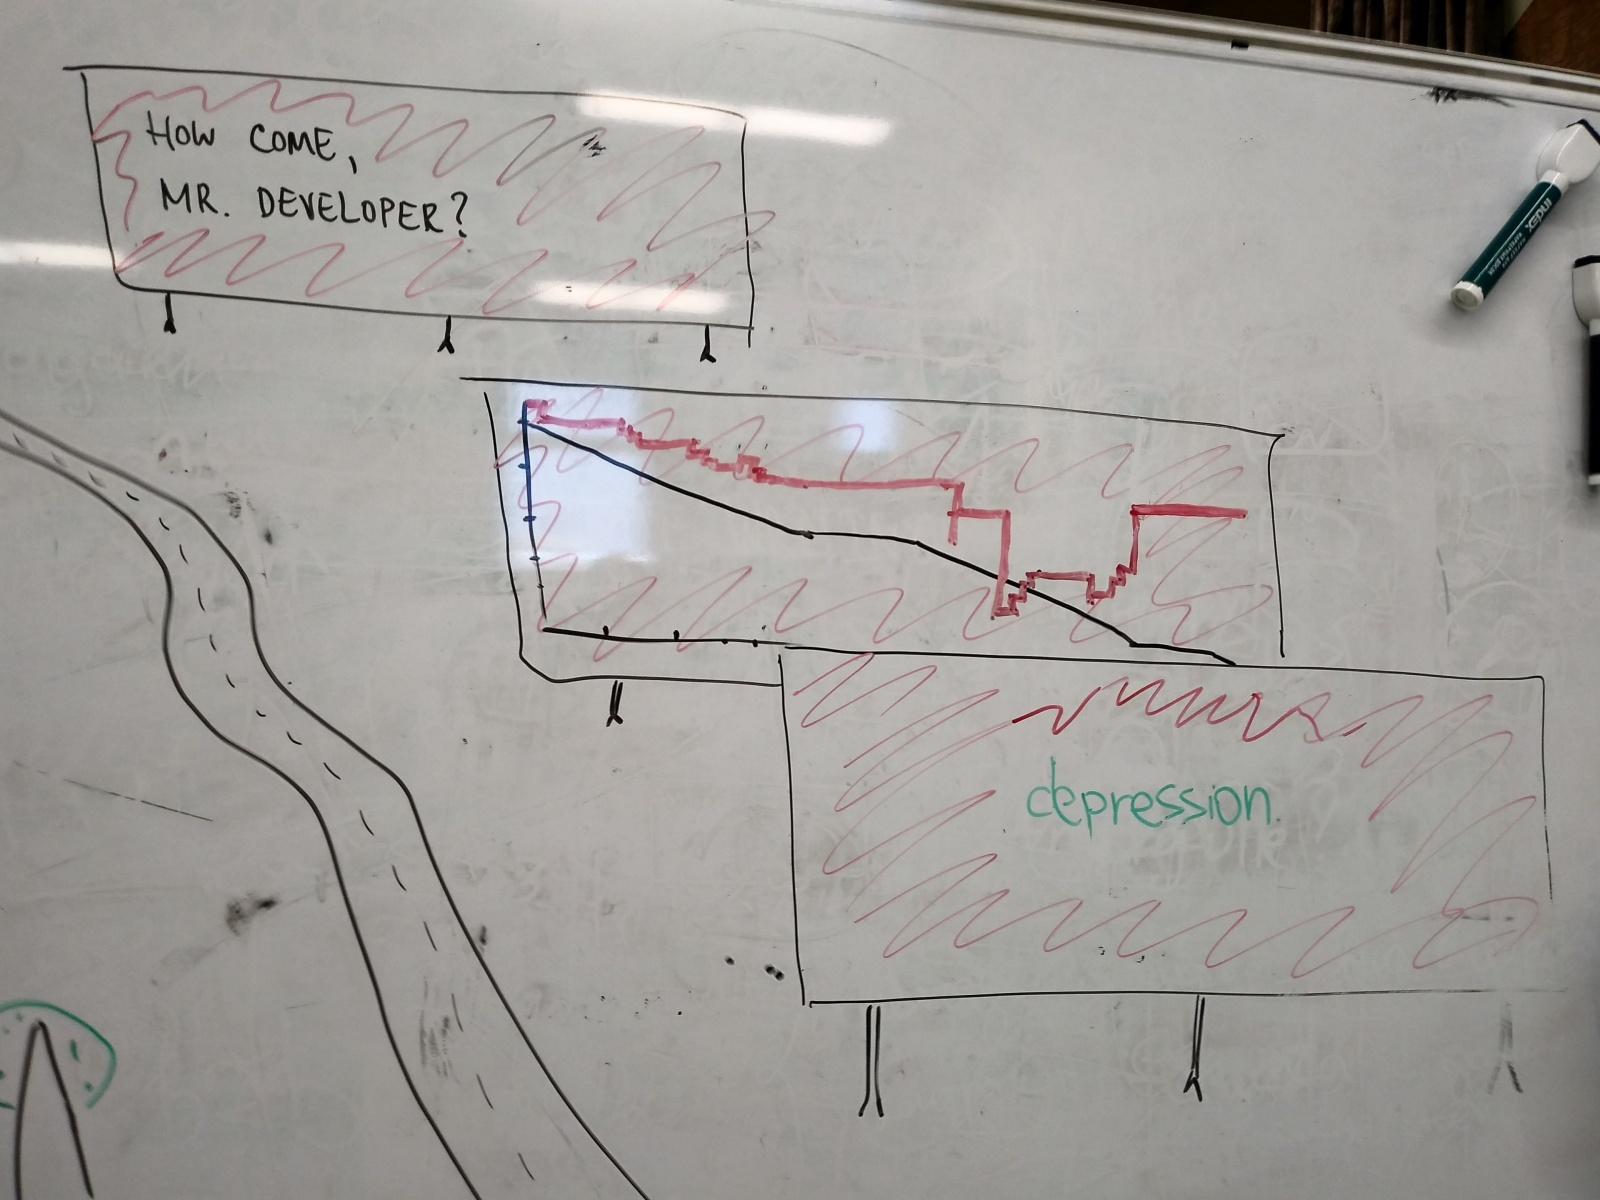 Митап JavaJam. Спор о джавистах, сплав на брёвнах, эксперименты и микросервисы - 1